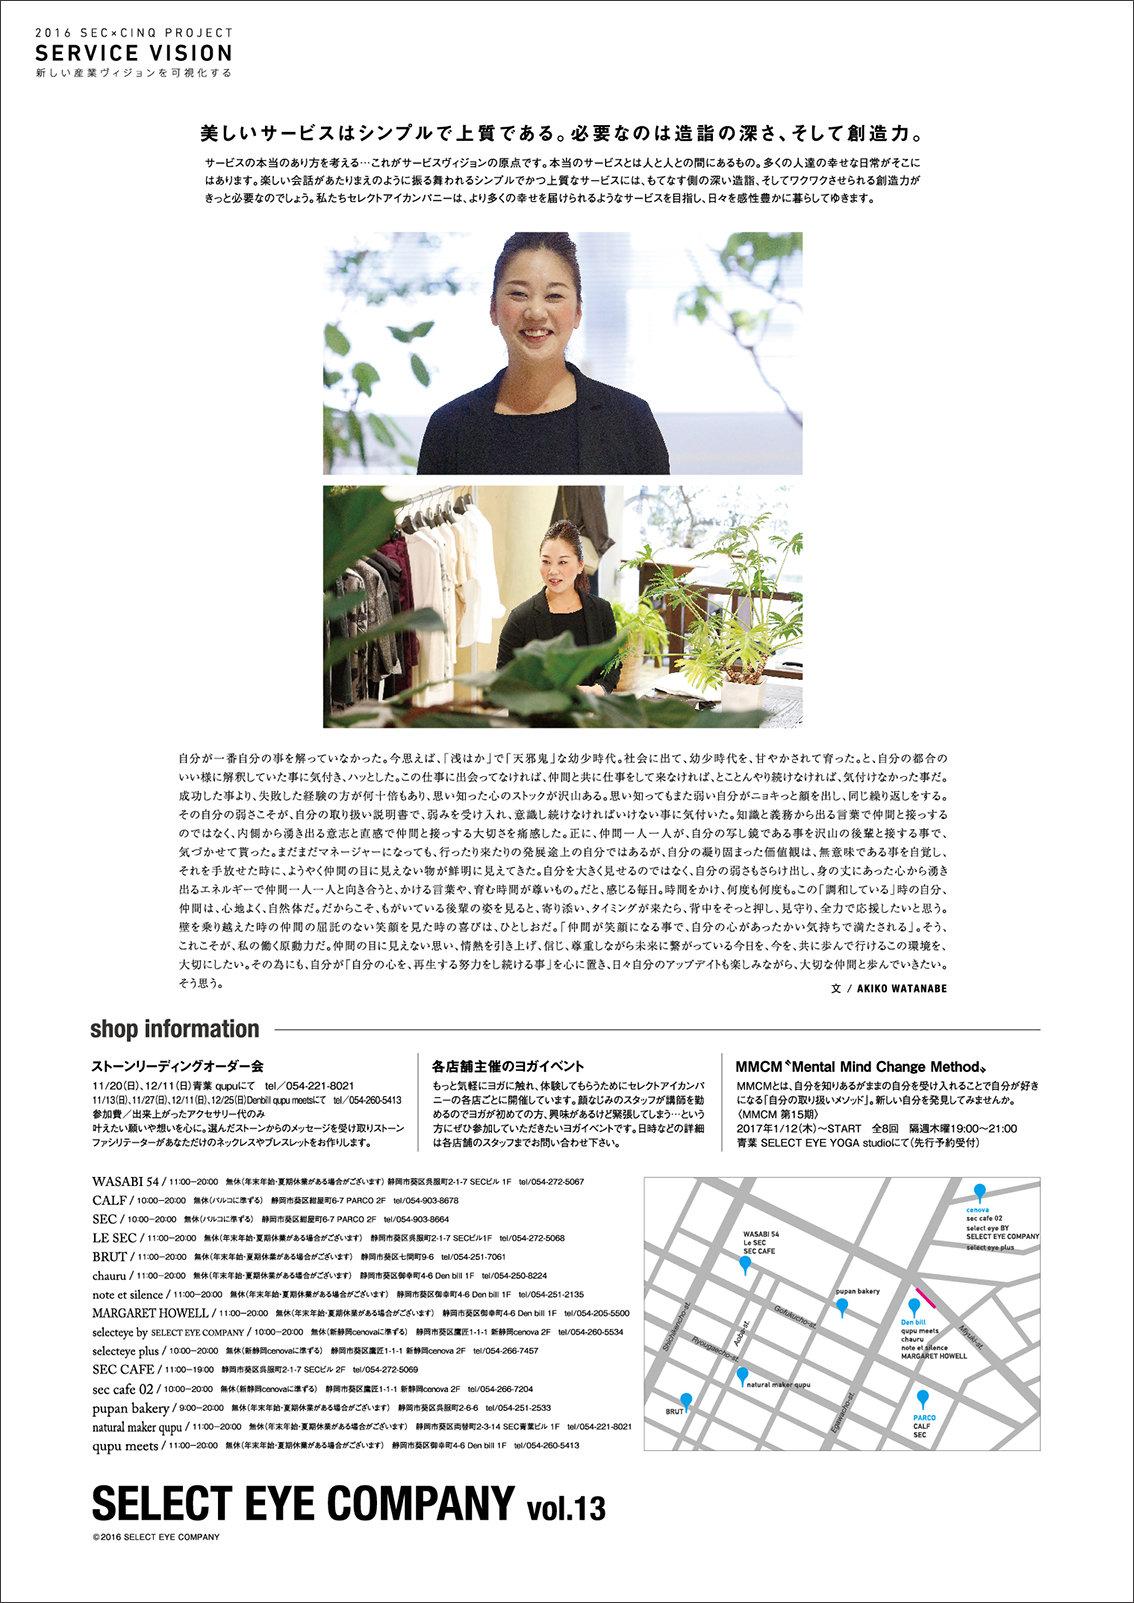 http://www.selecteye.co.jp/tabroid/photo/vol13_P012.jpg